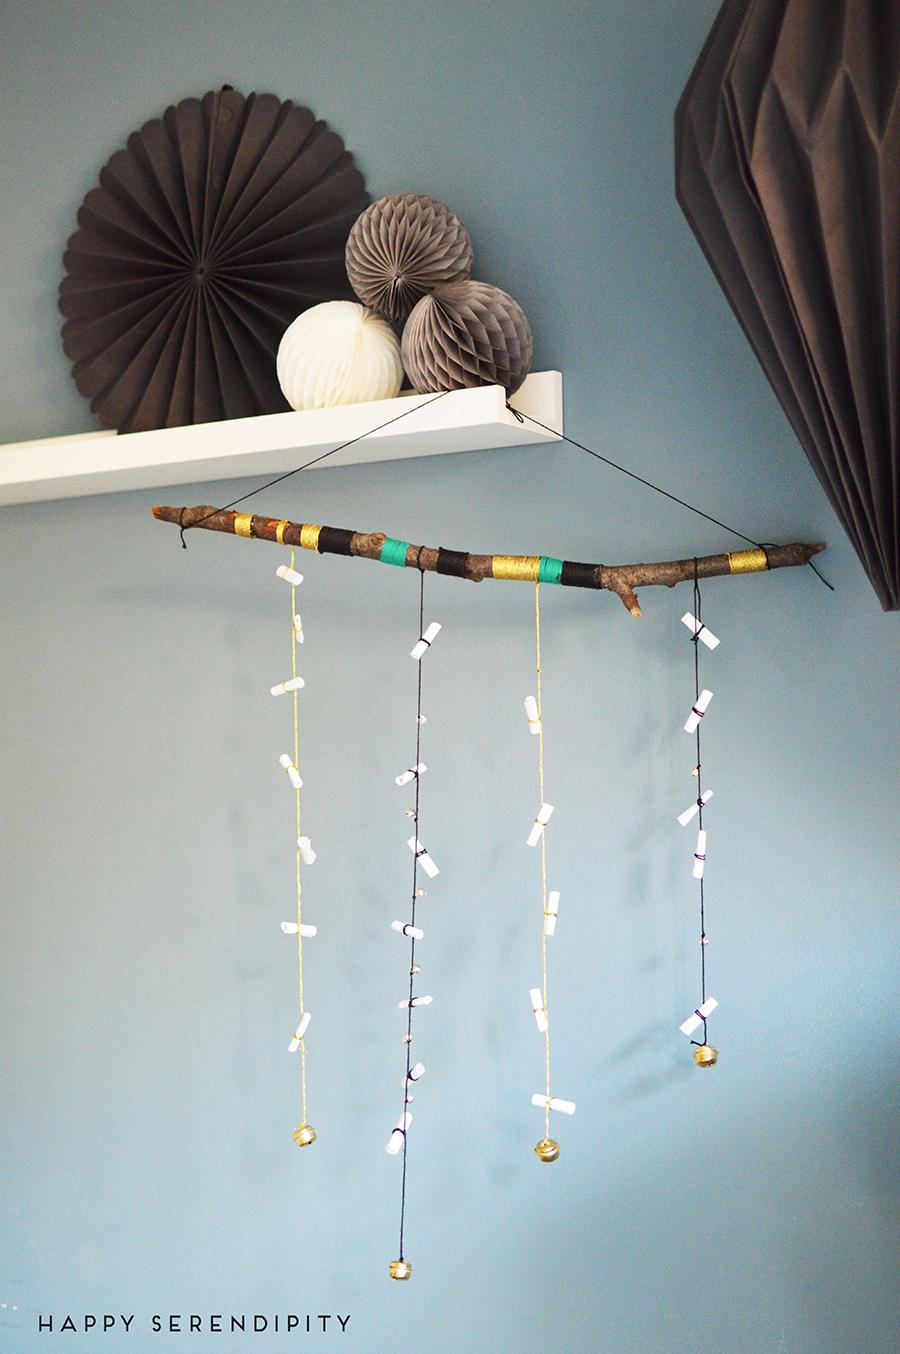 wohlf hl adventskalender zum ausdrucken adventskalender. Black Bedroom Furniture Sets. Home Design Ideas